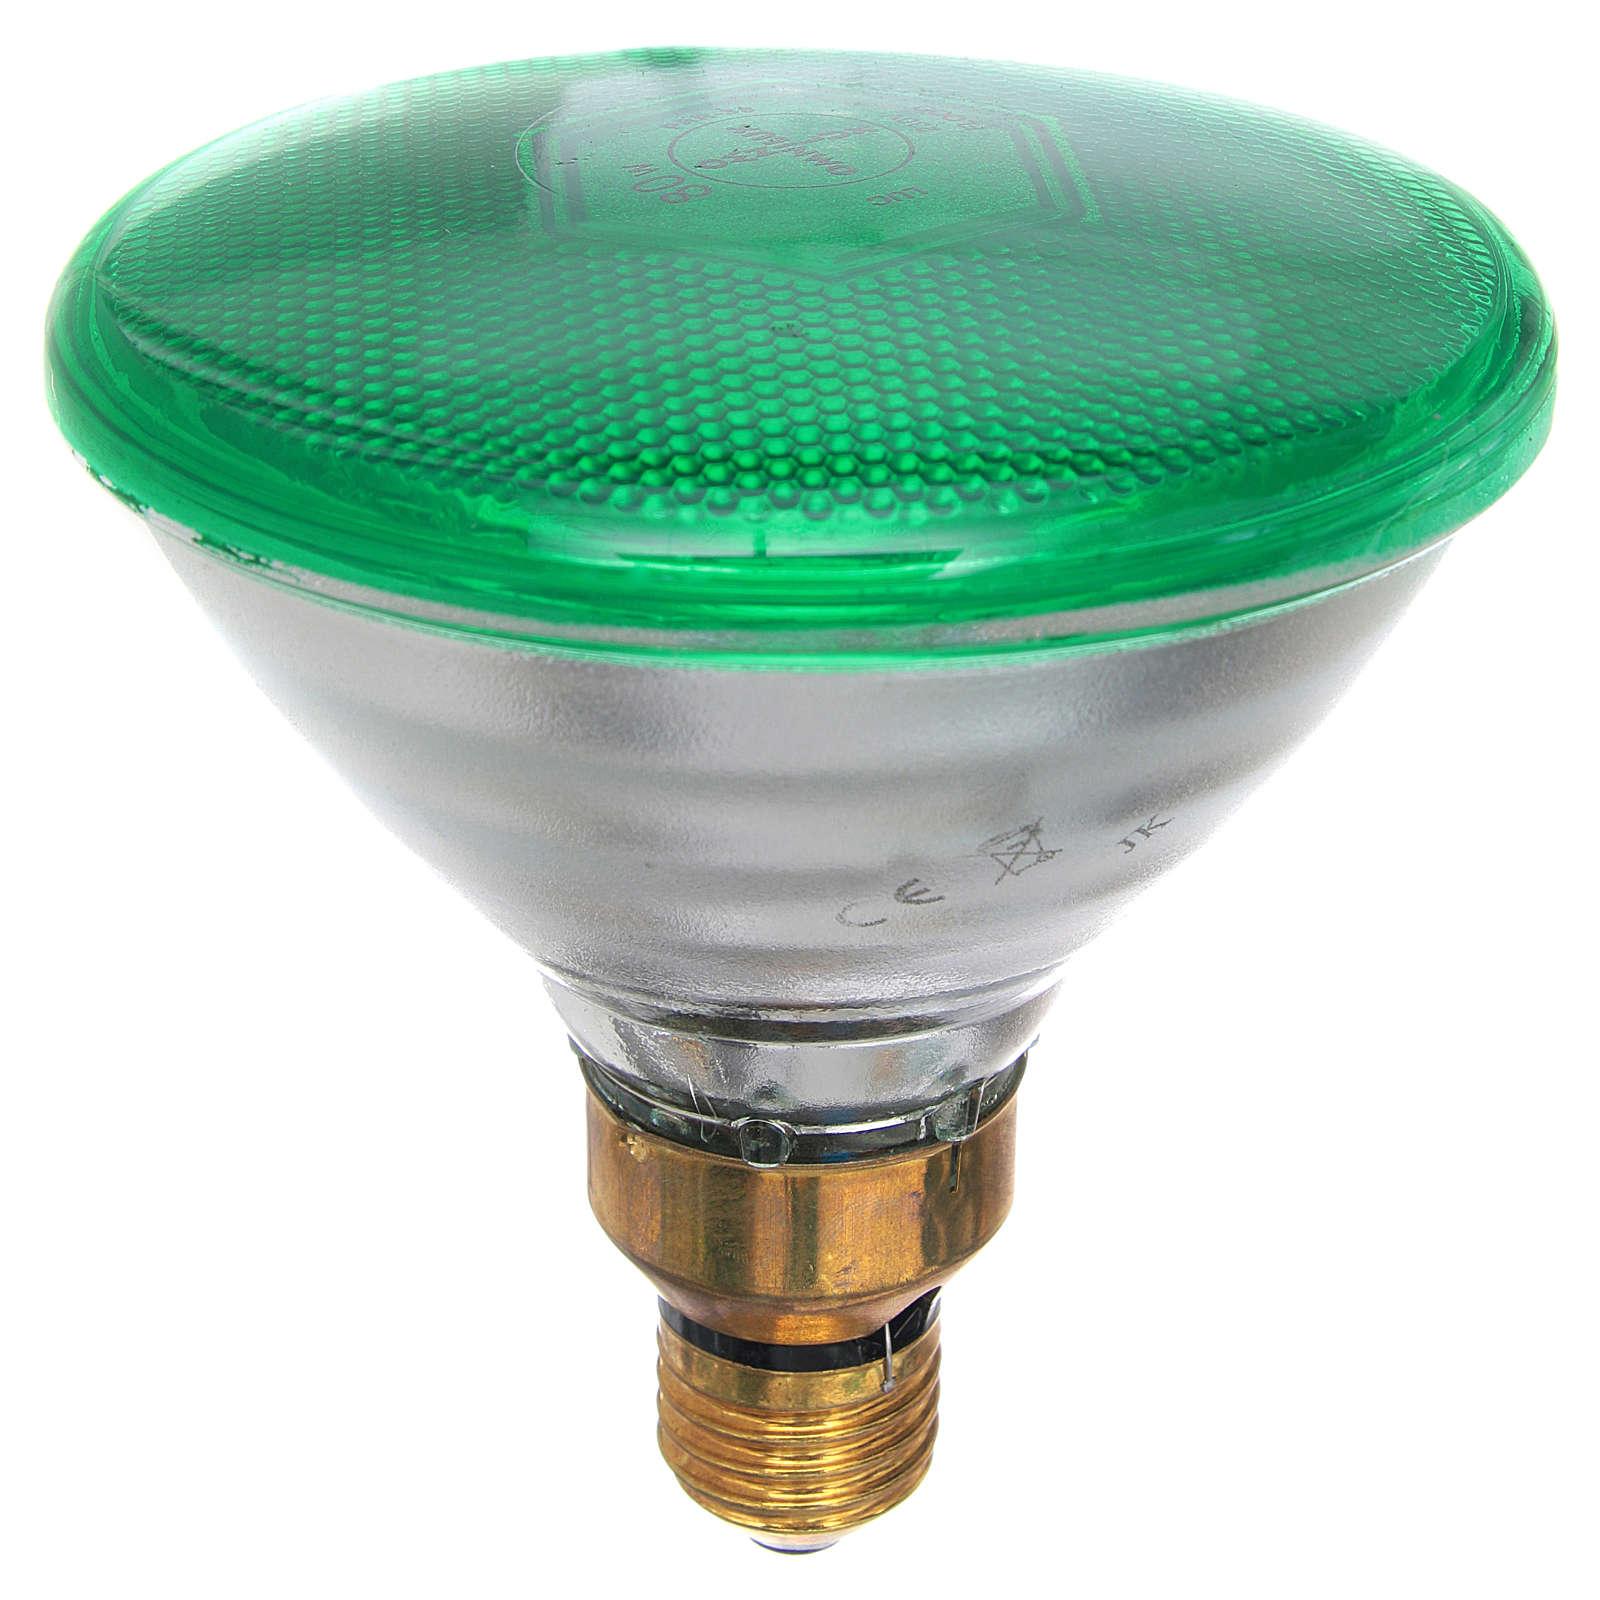 Coloured light bulb 80W, E27, green for nativities lighting 4